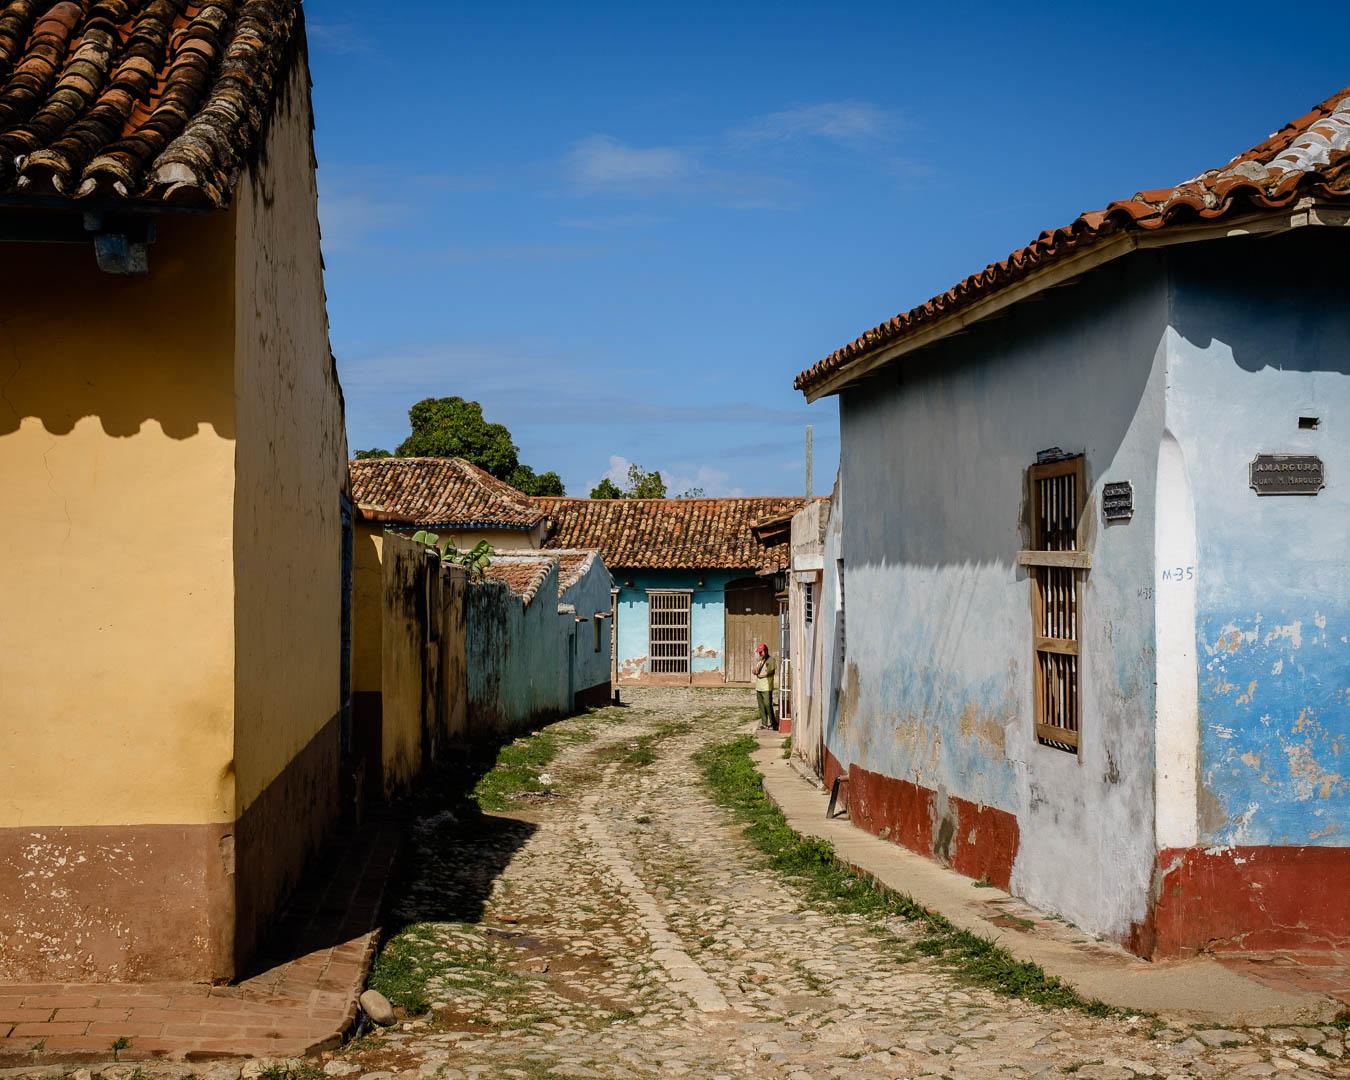 180429-Trinidad-13-1080.jpg